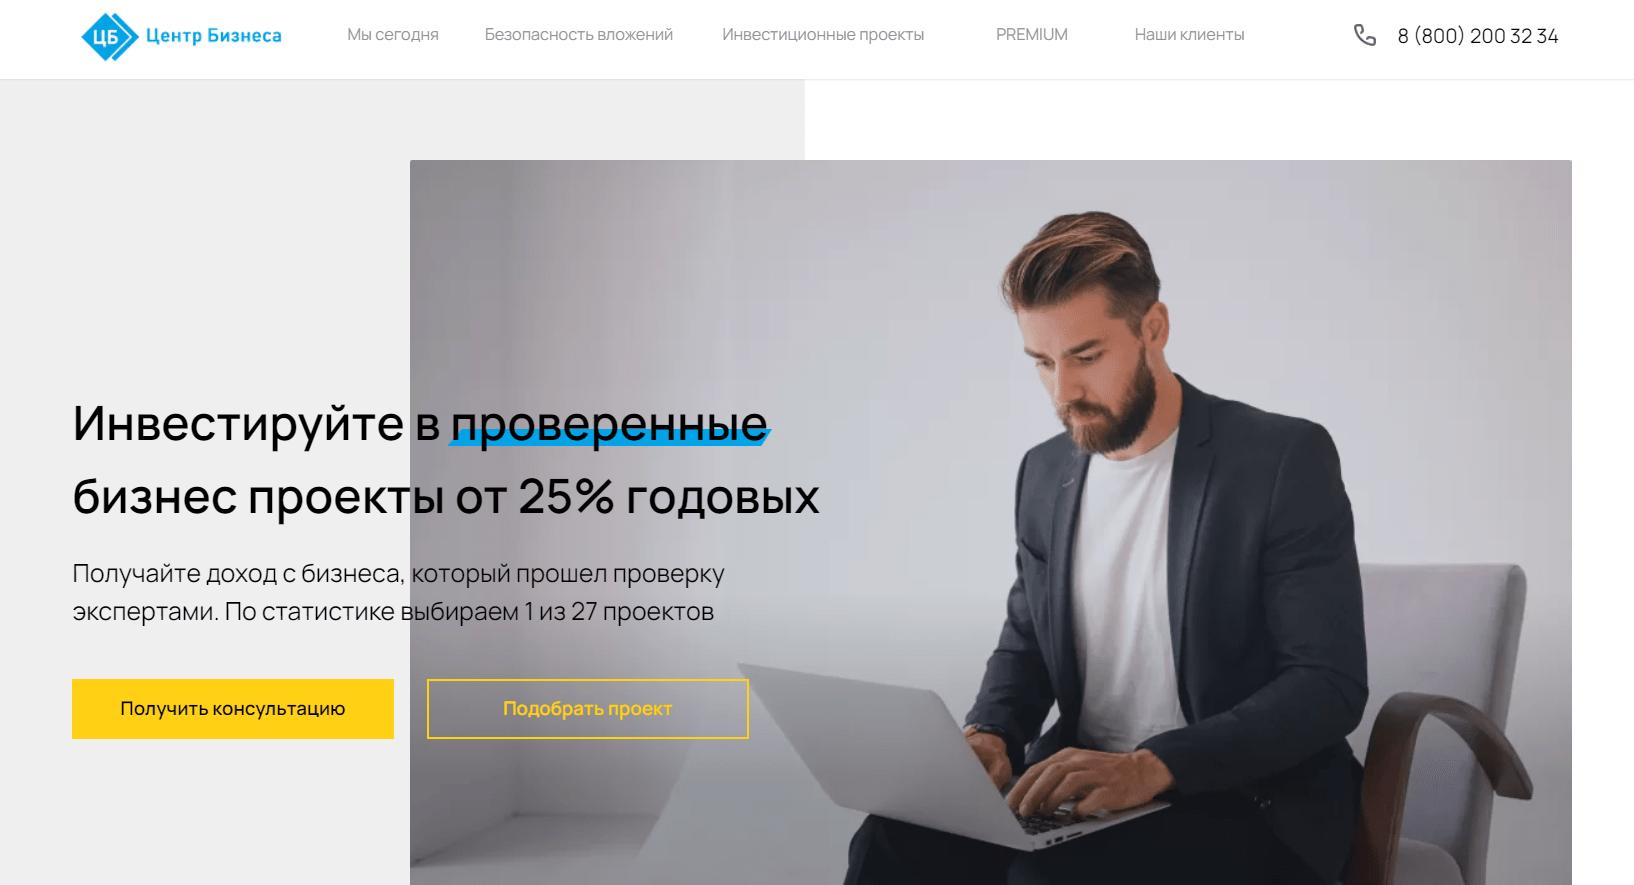 Официальный сайт инвестиционной компании «Центр бизнеса»